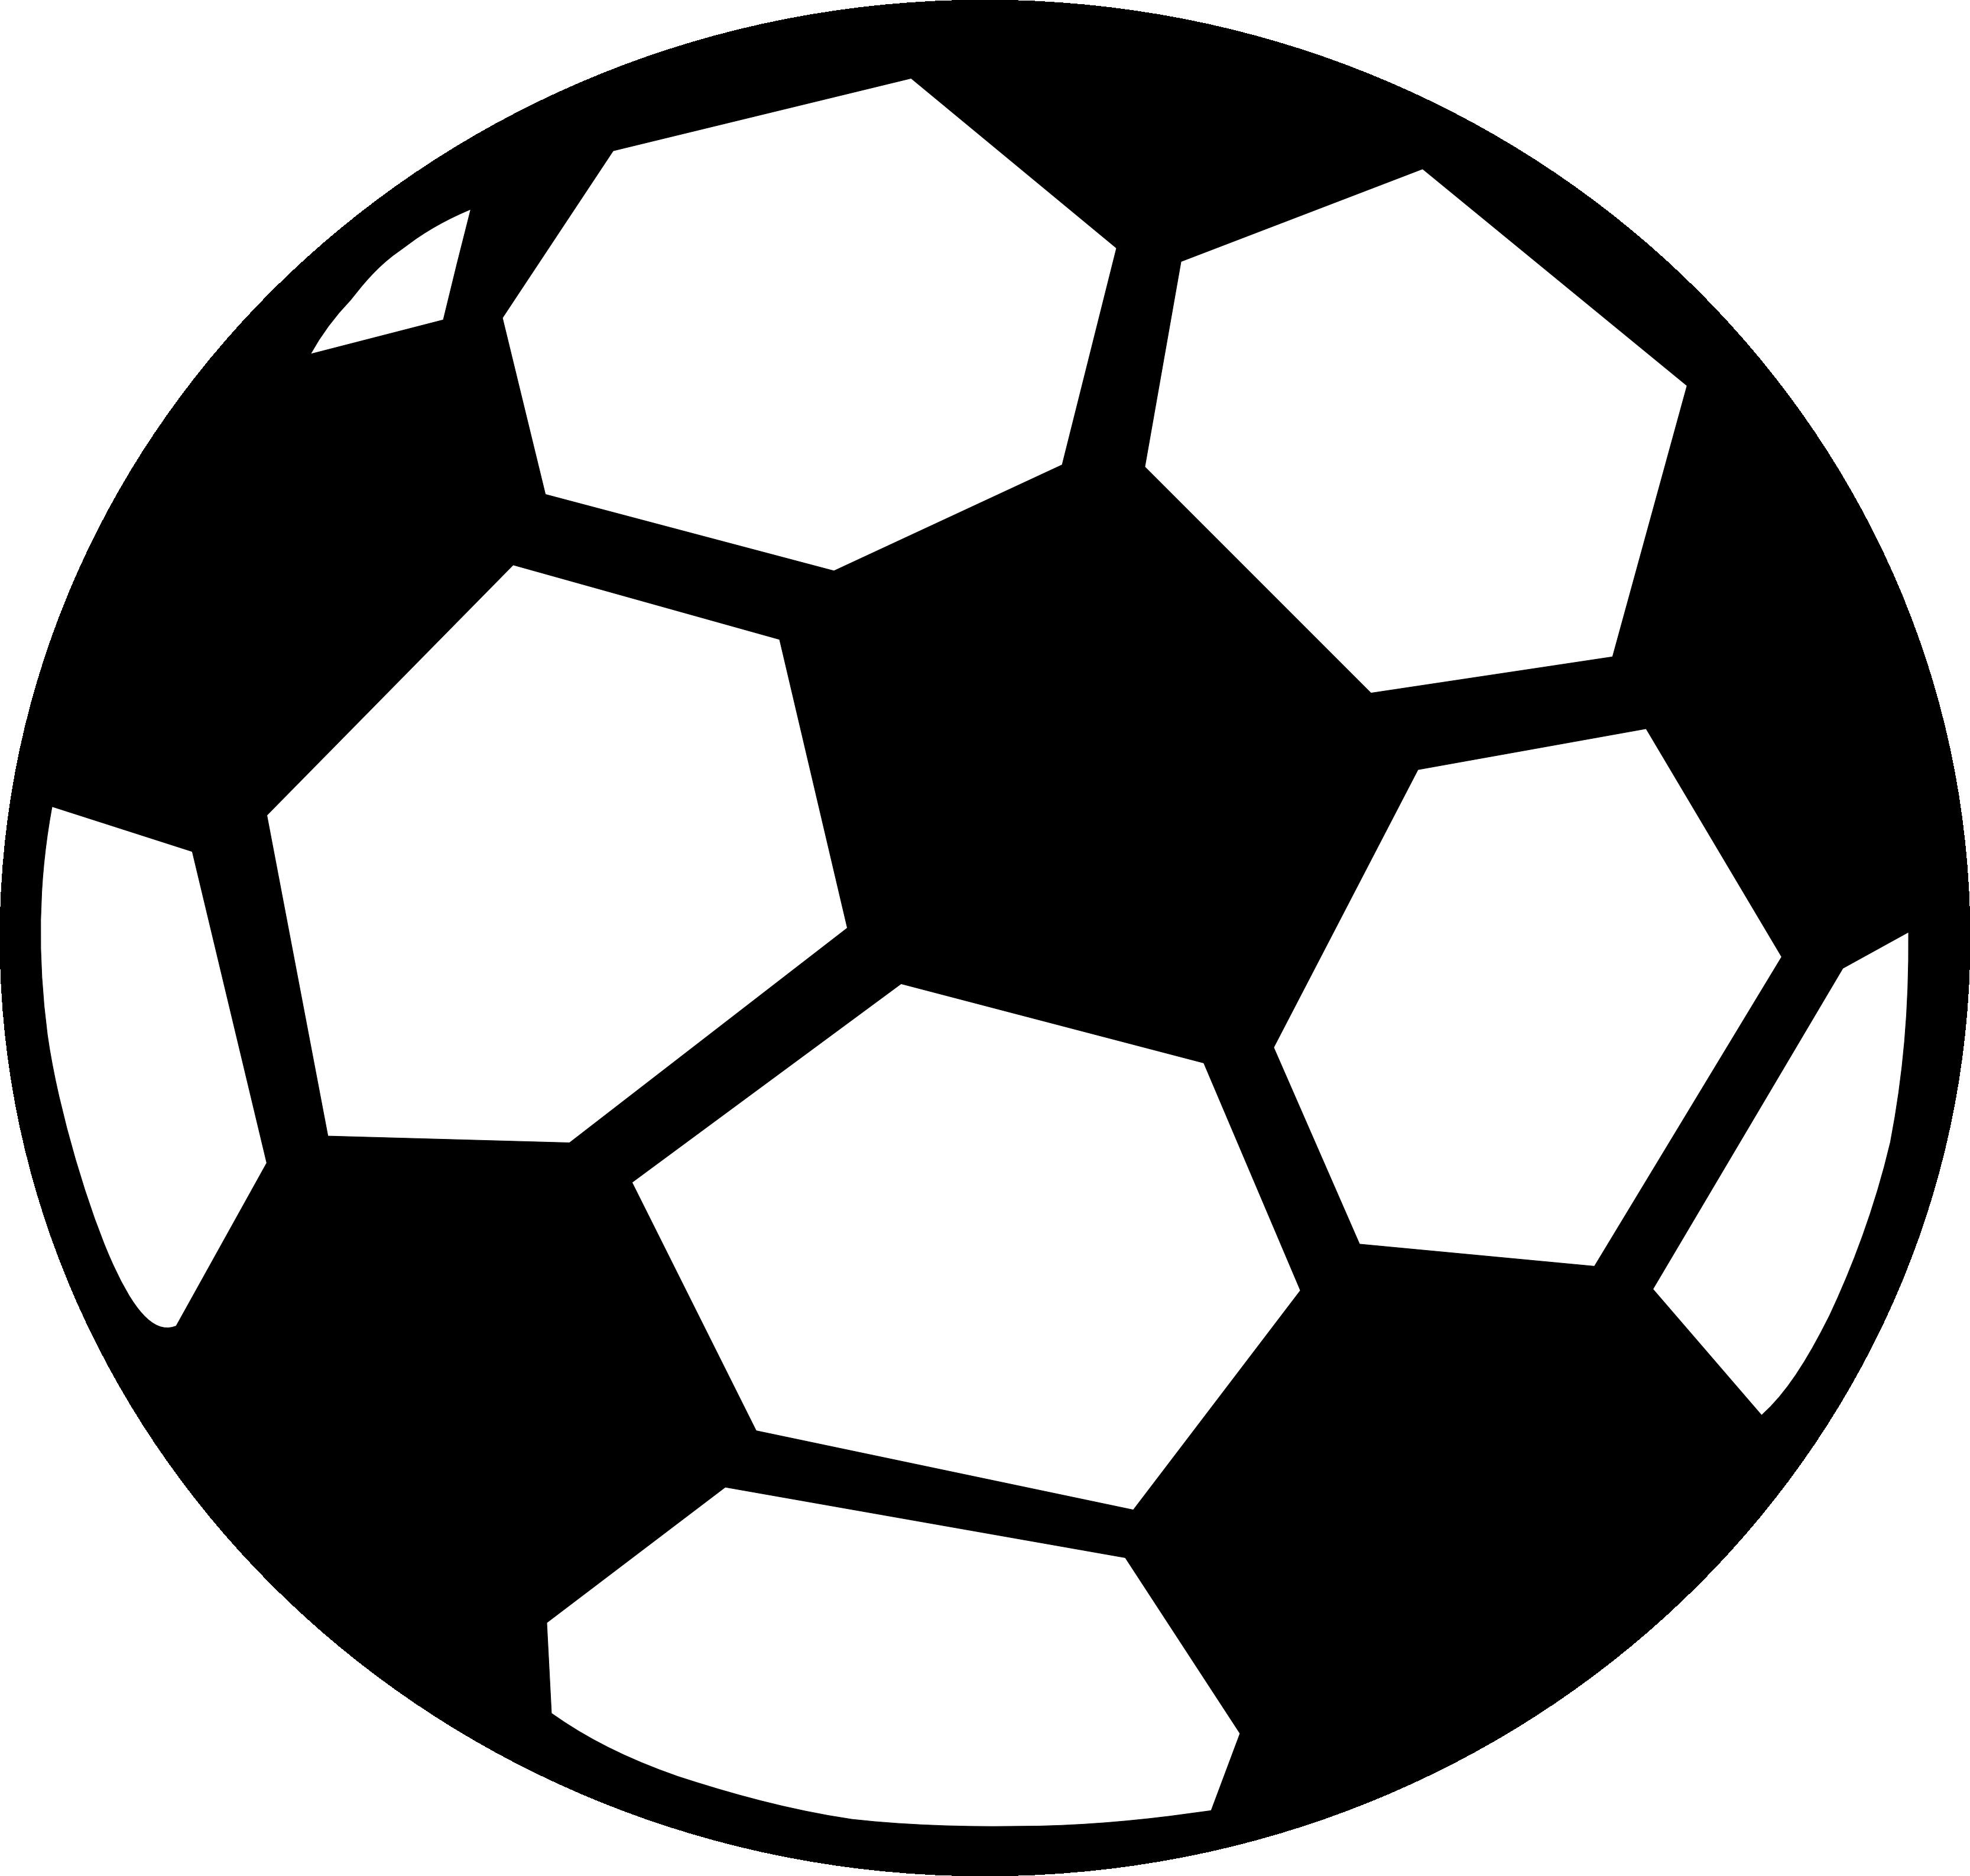 Soccer Ball Clip Art Black And White.